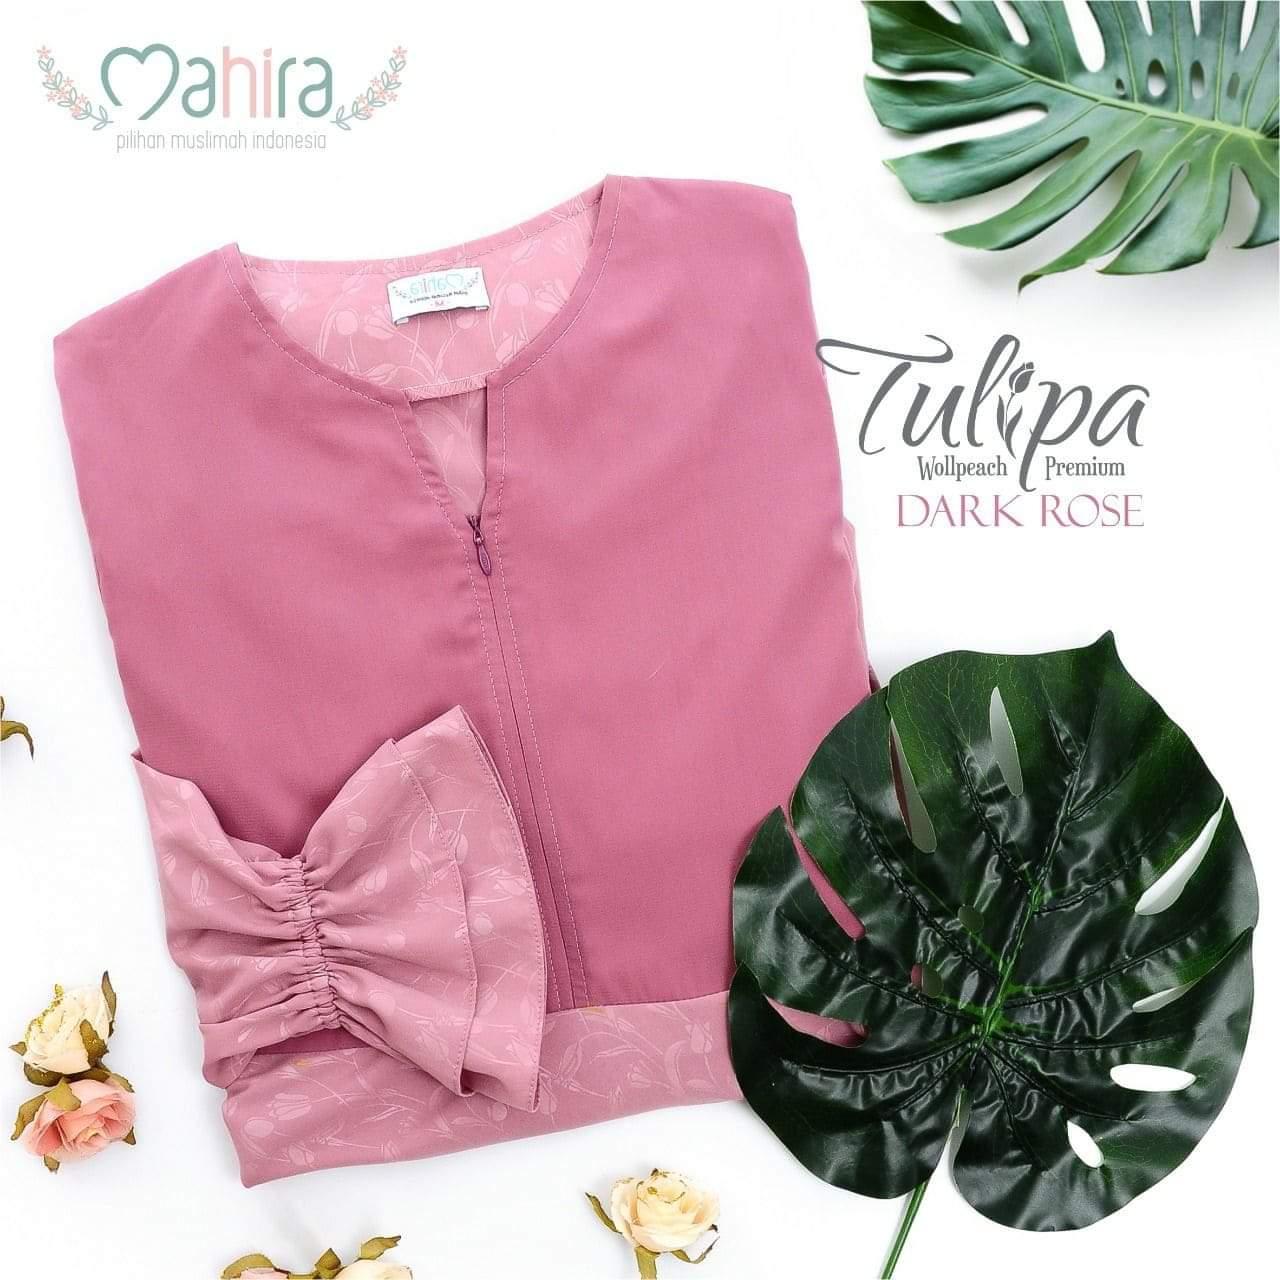 Mahira Tulipa Wollpeach Premium Dark Rose